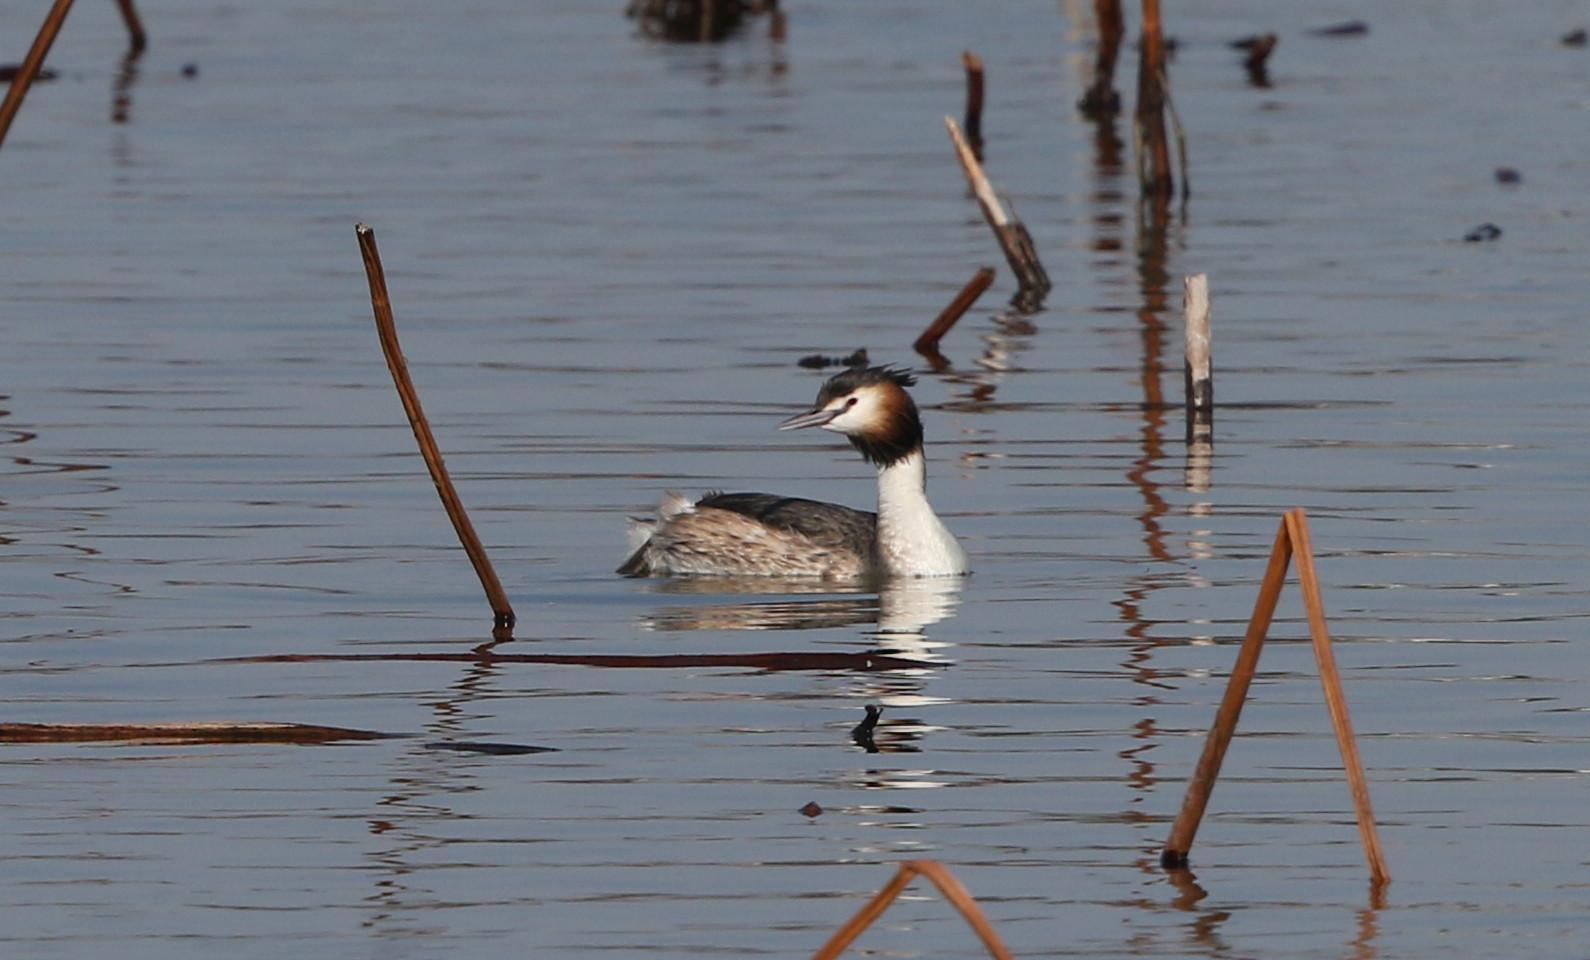 MFの沼で冬鳥(ミコアイサ・カンムリカイツブリを撮る)_f0239515_1813529.jpg